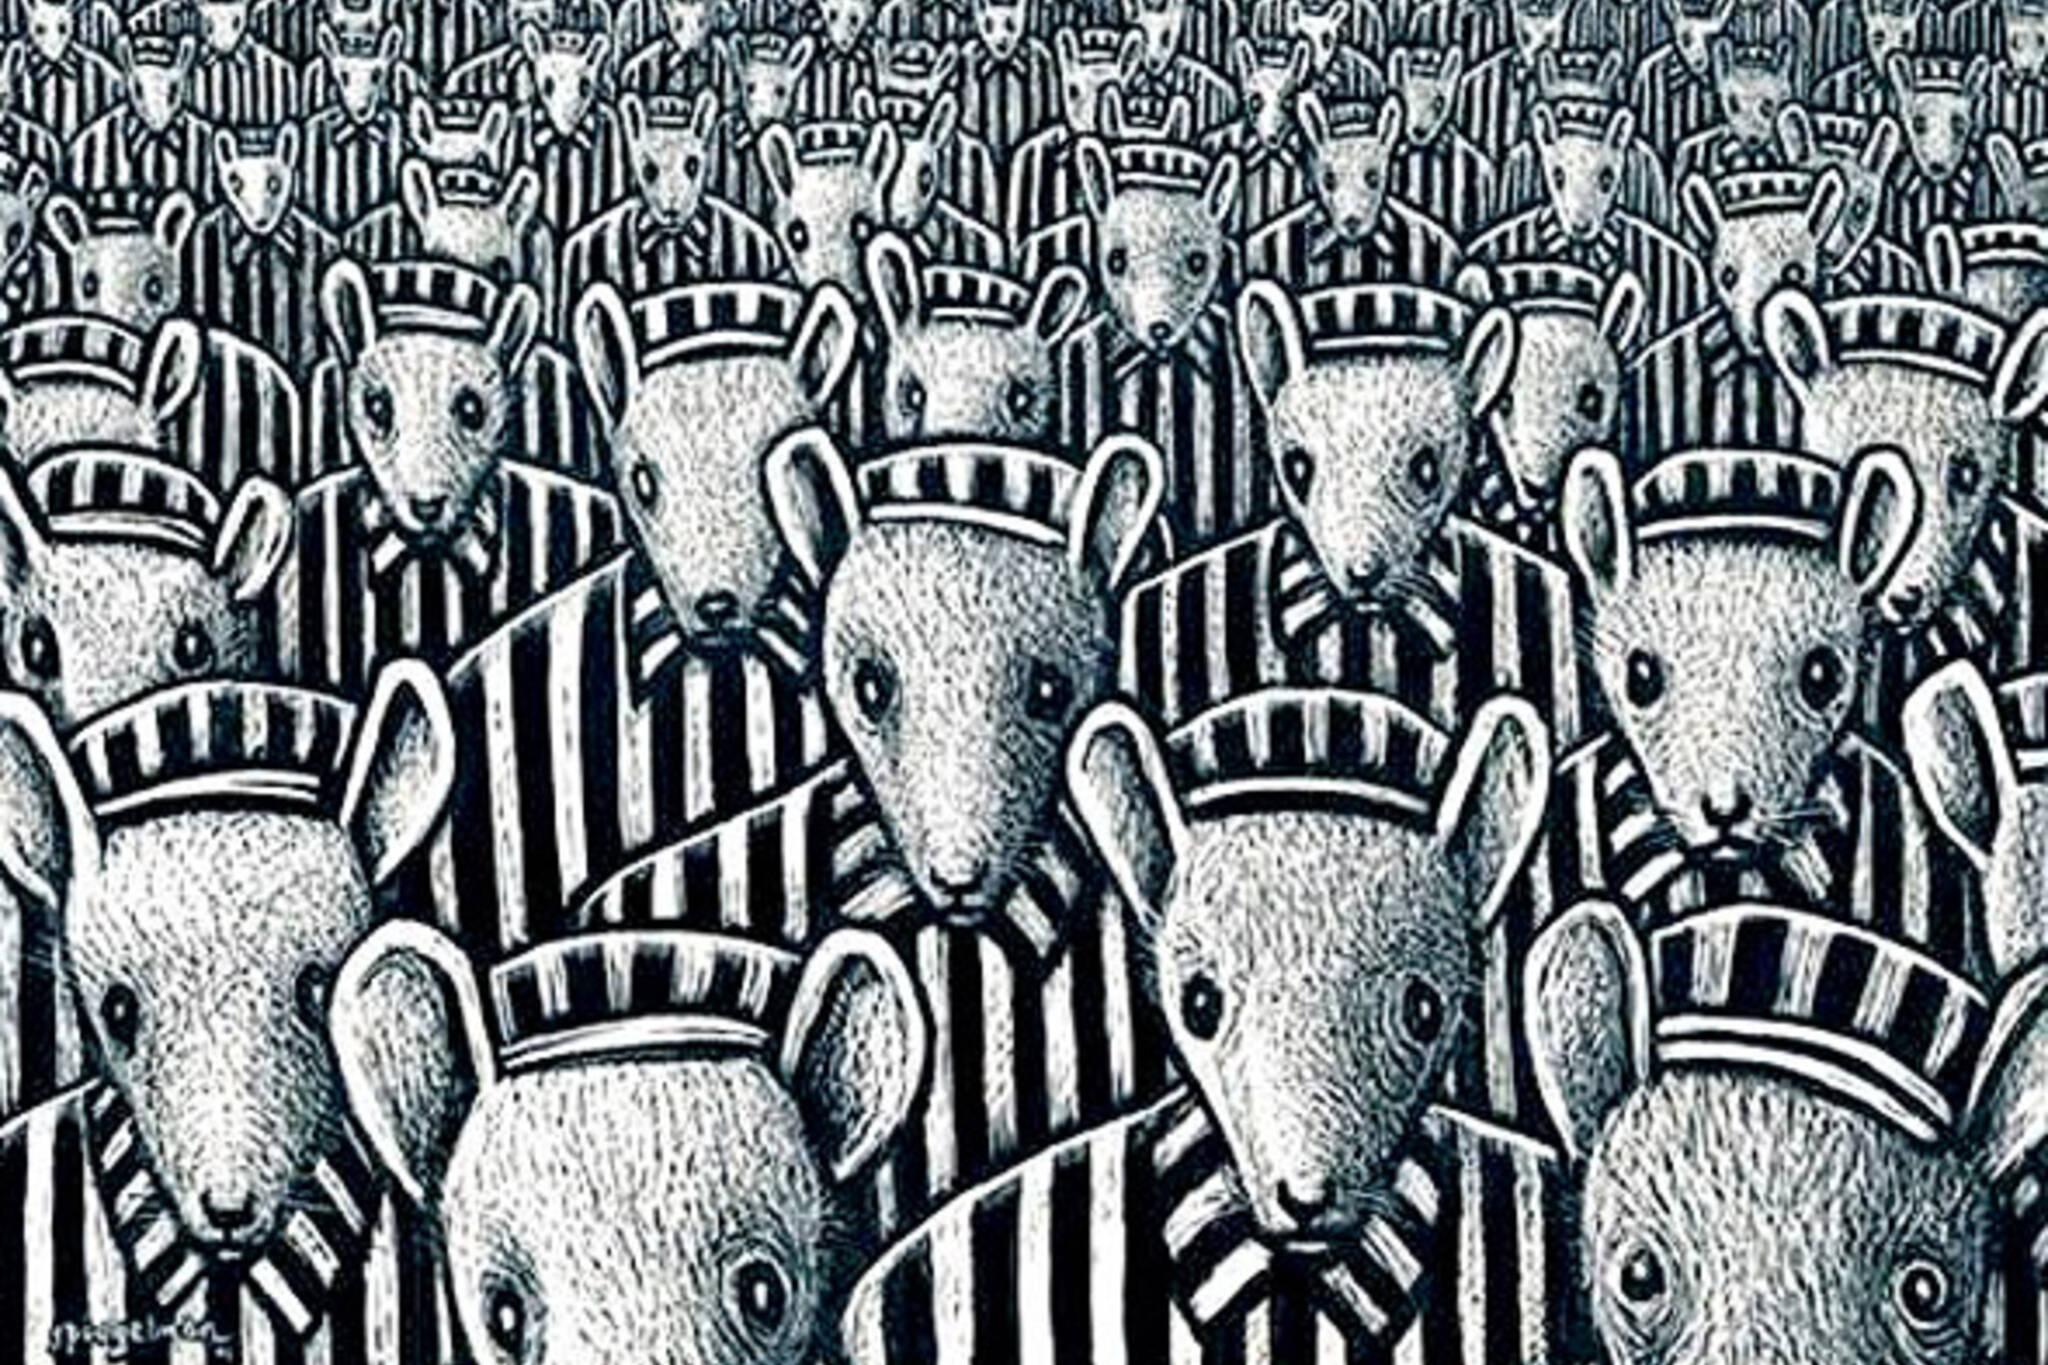 Art Spiegelman Toronto